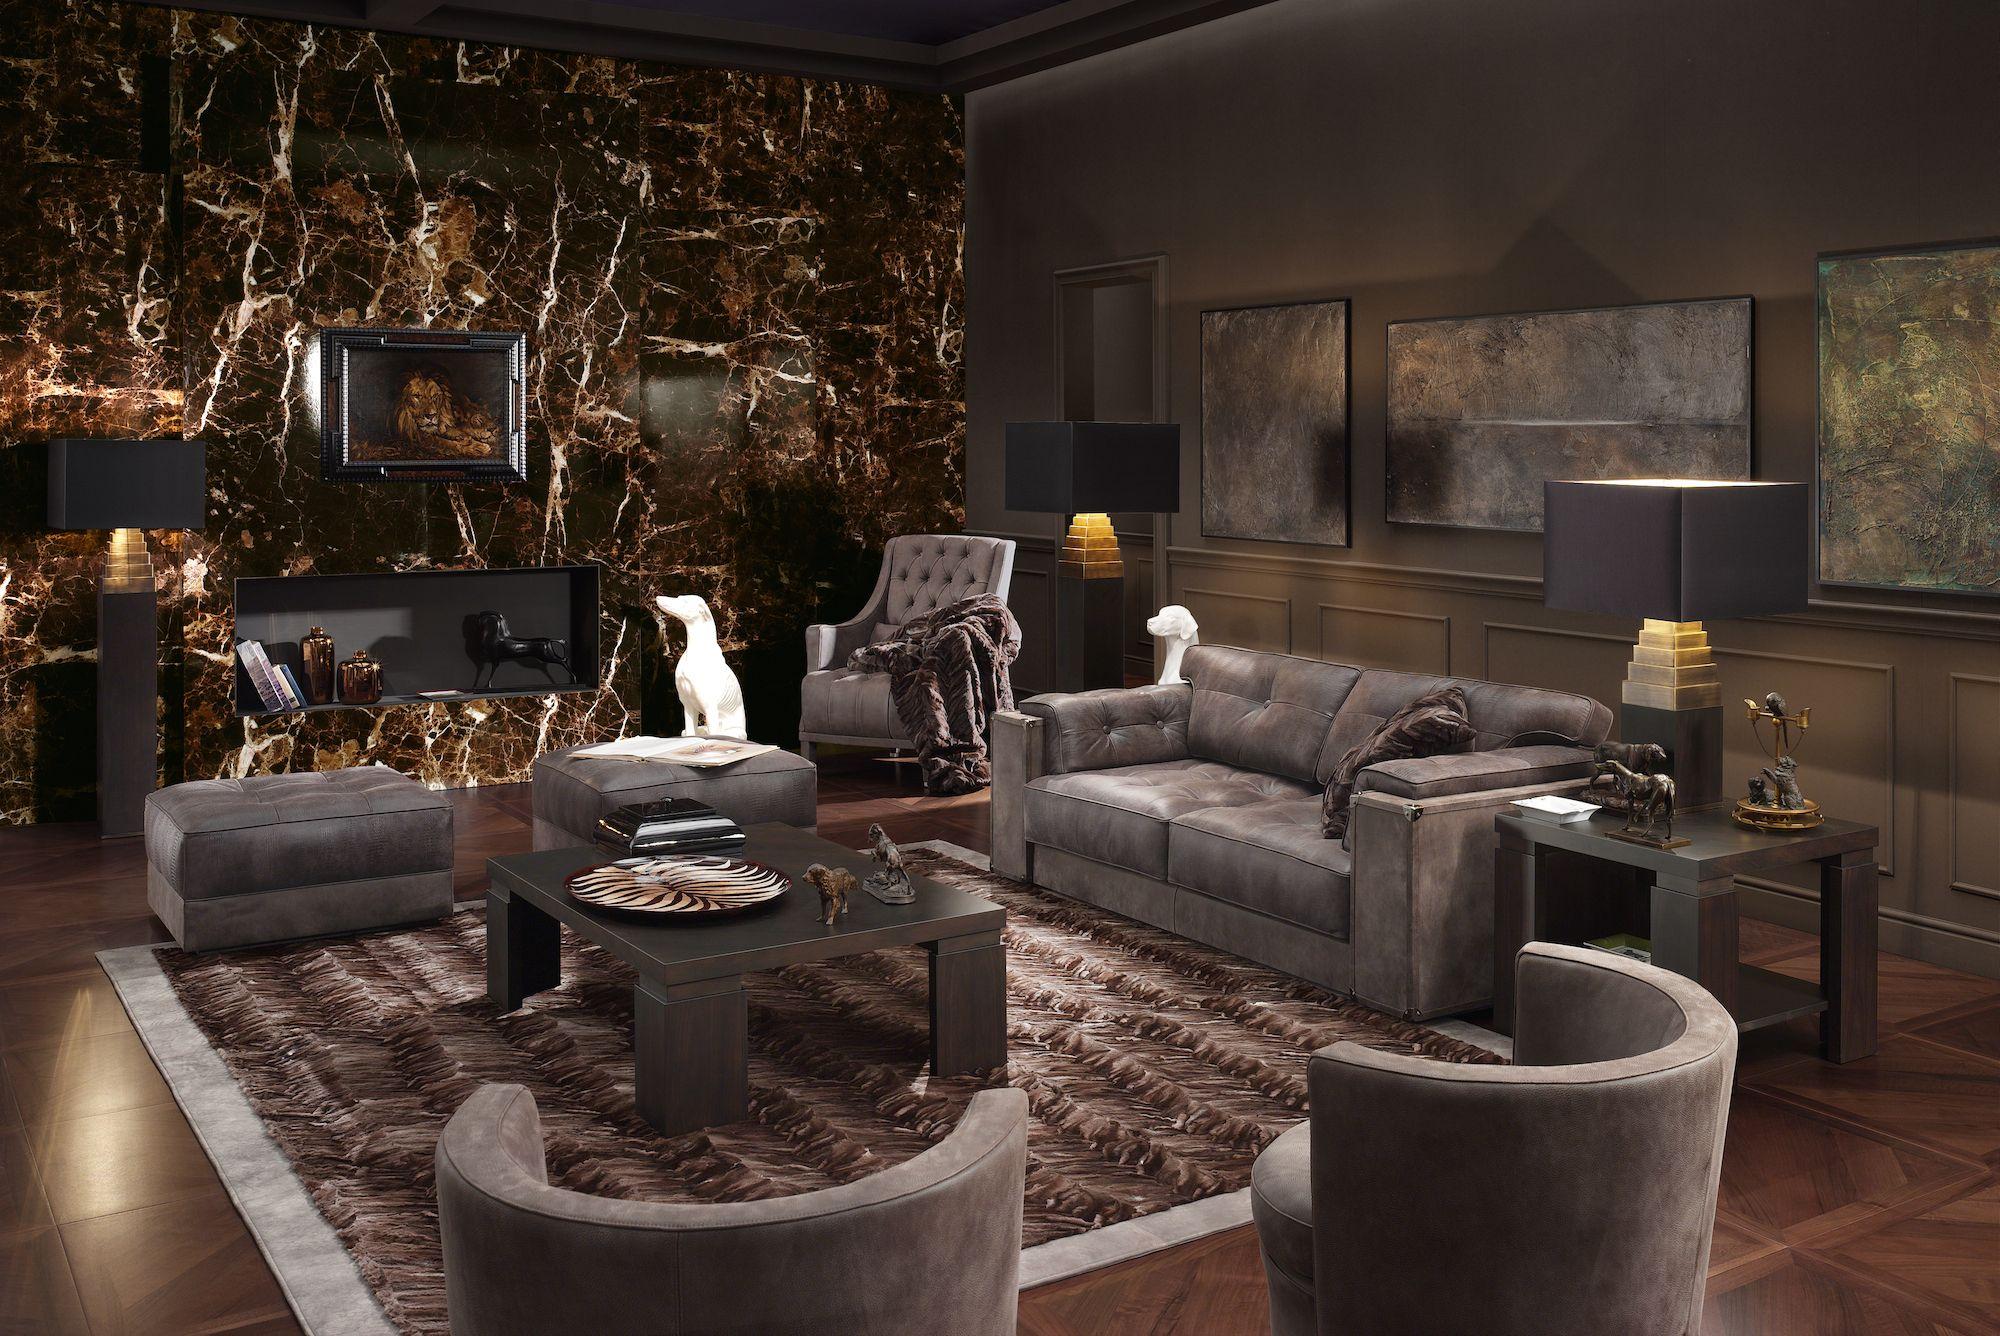 Smania livingstone230 sofa teorema coffee tabl exhibit for Arredamento artistico